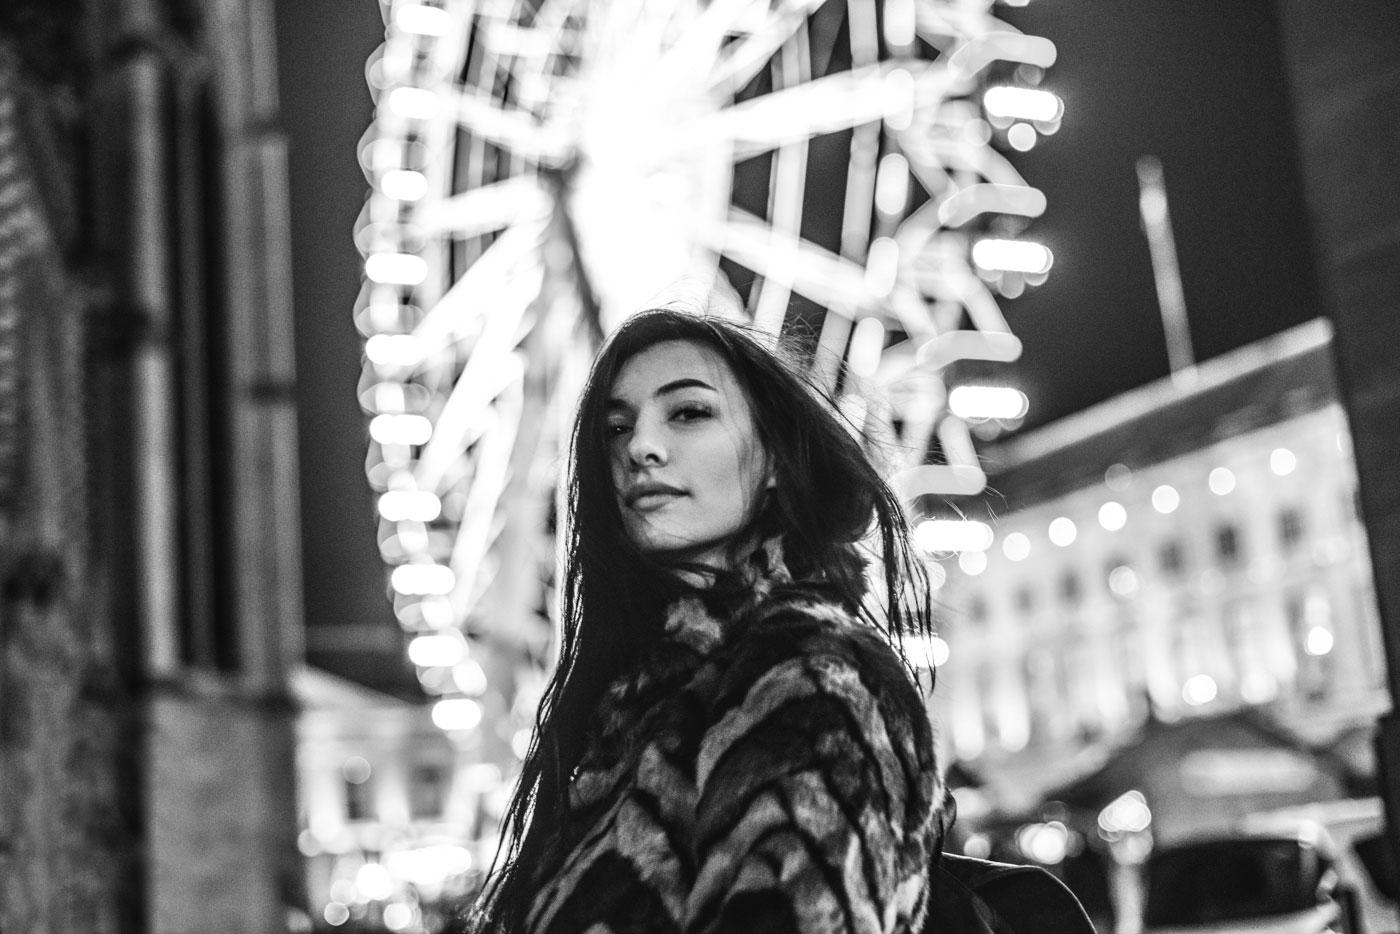 Margaux Gatti Photographe de Metz - La Femme dans la Ville de Metz - Projet Photo Portrait 2019 - Place d'armes